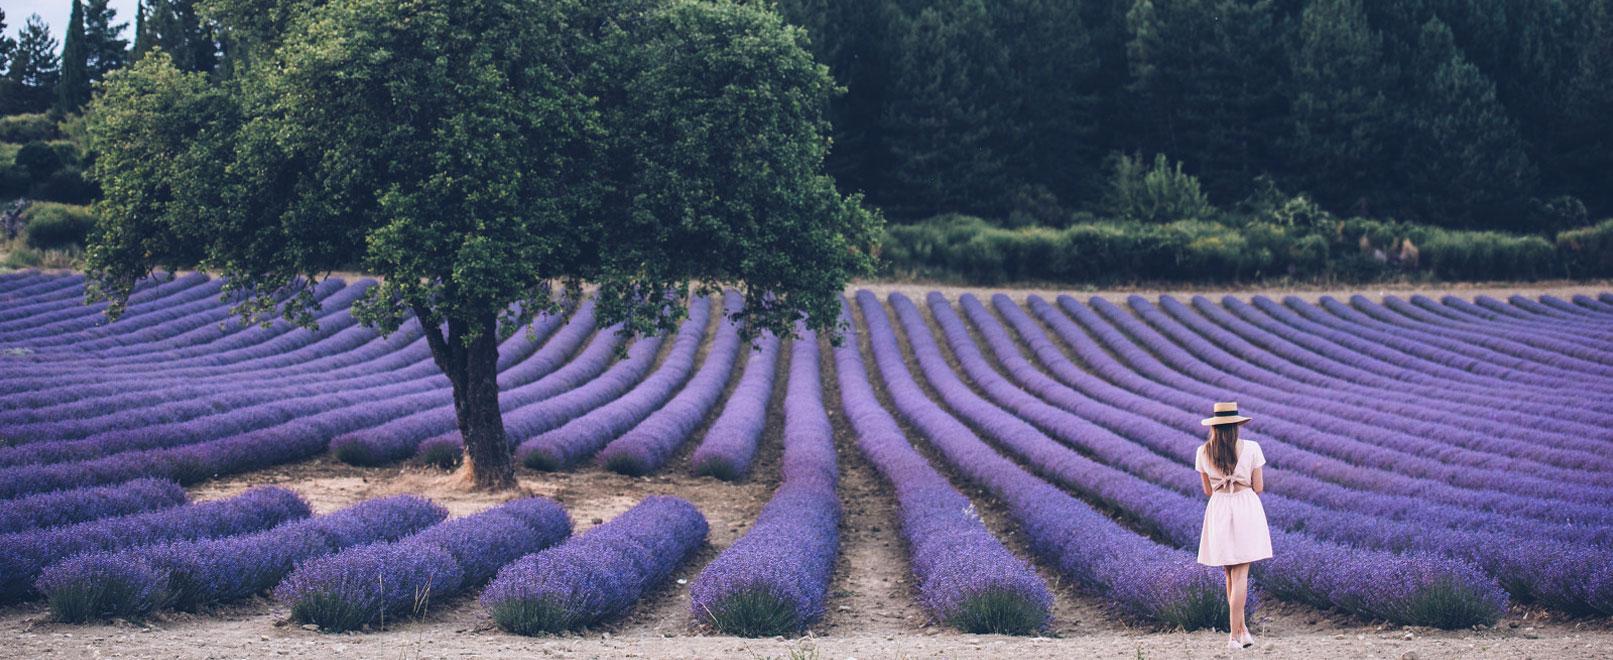 Bijzondere plekjes om lavendel te bewonderen en te fotograferen  © Coquard